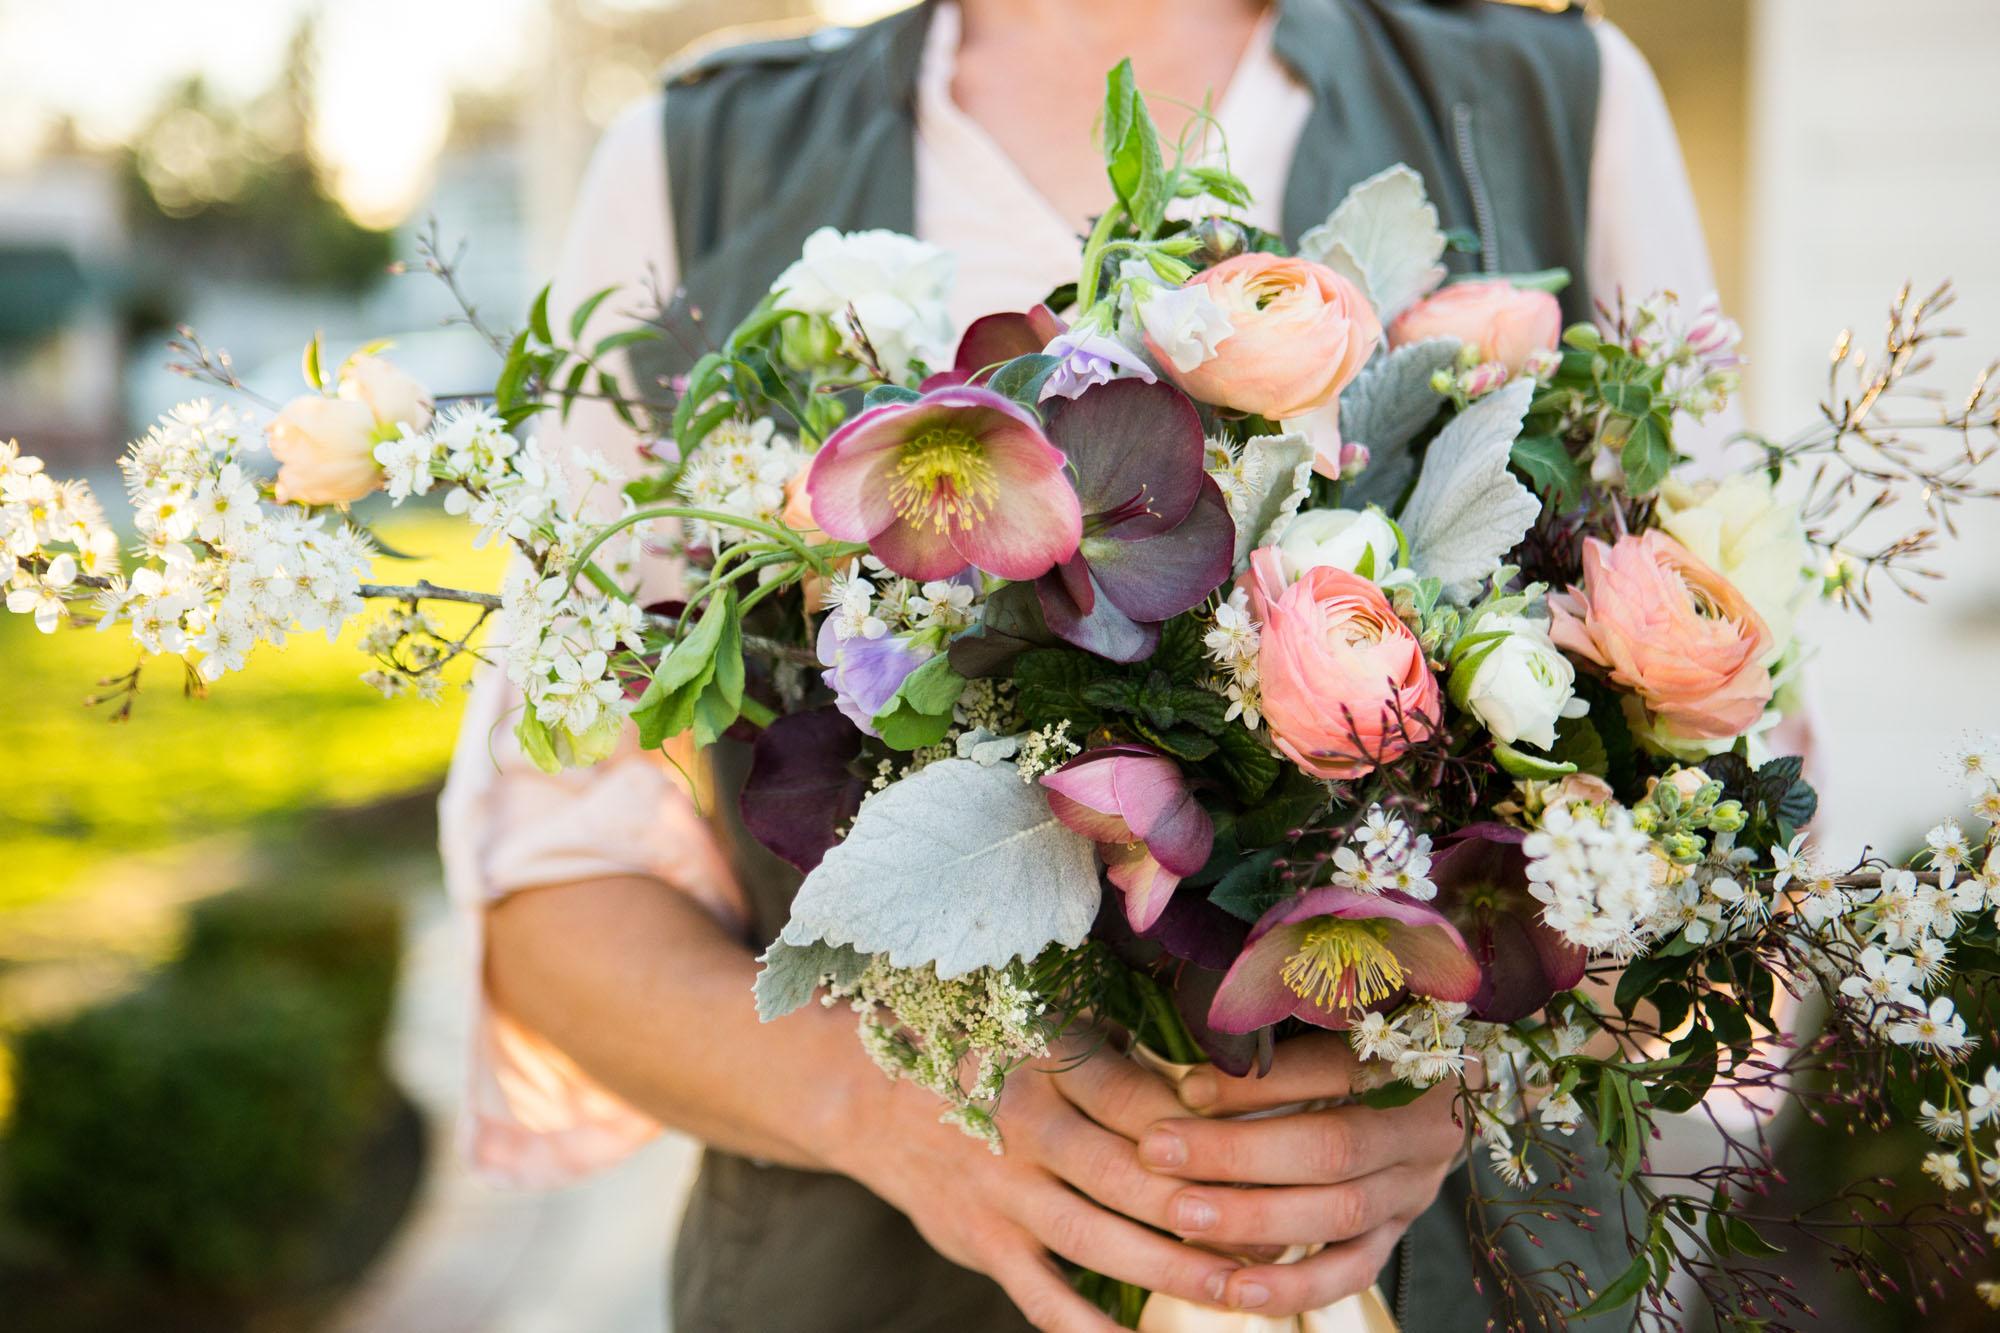 FlowersbyCarra-bouquet-branding-photos.jpg